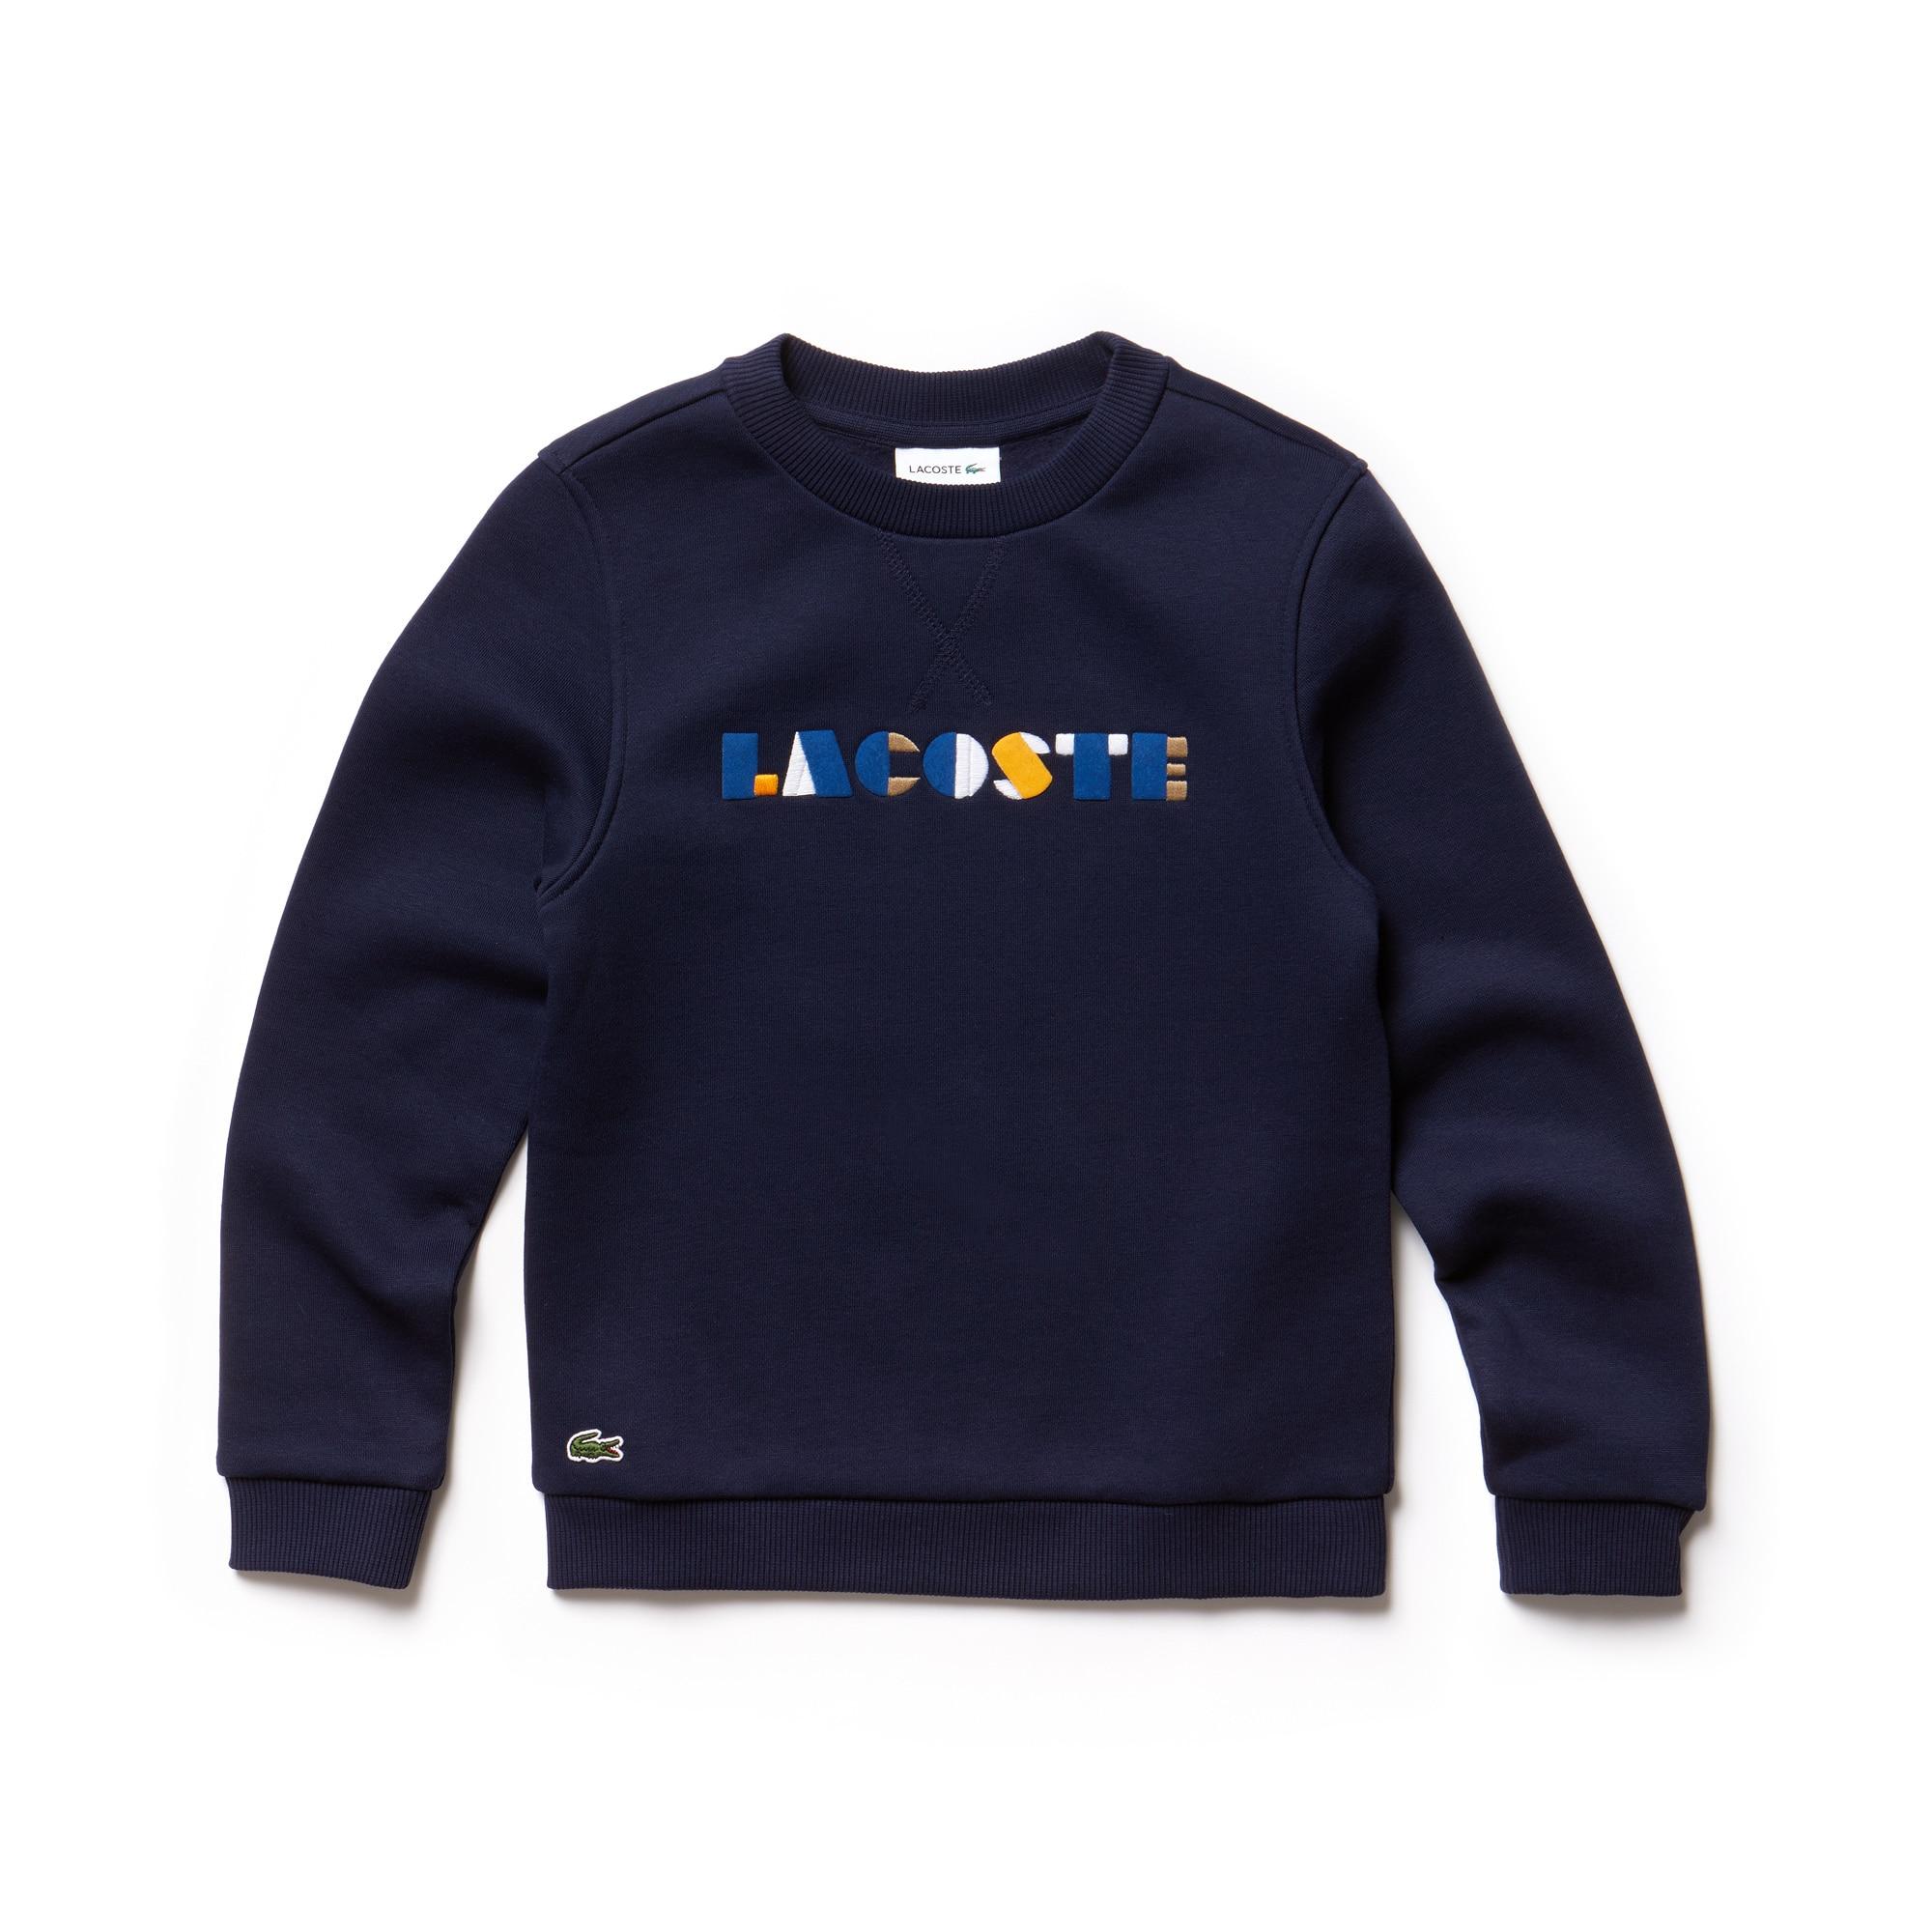 Girls' Crew Neck Colored Lacoste Embroidery Fleece Sweatshirt